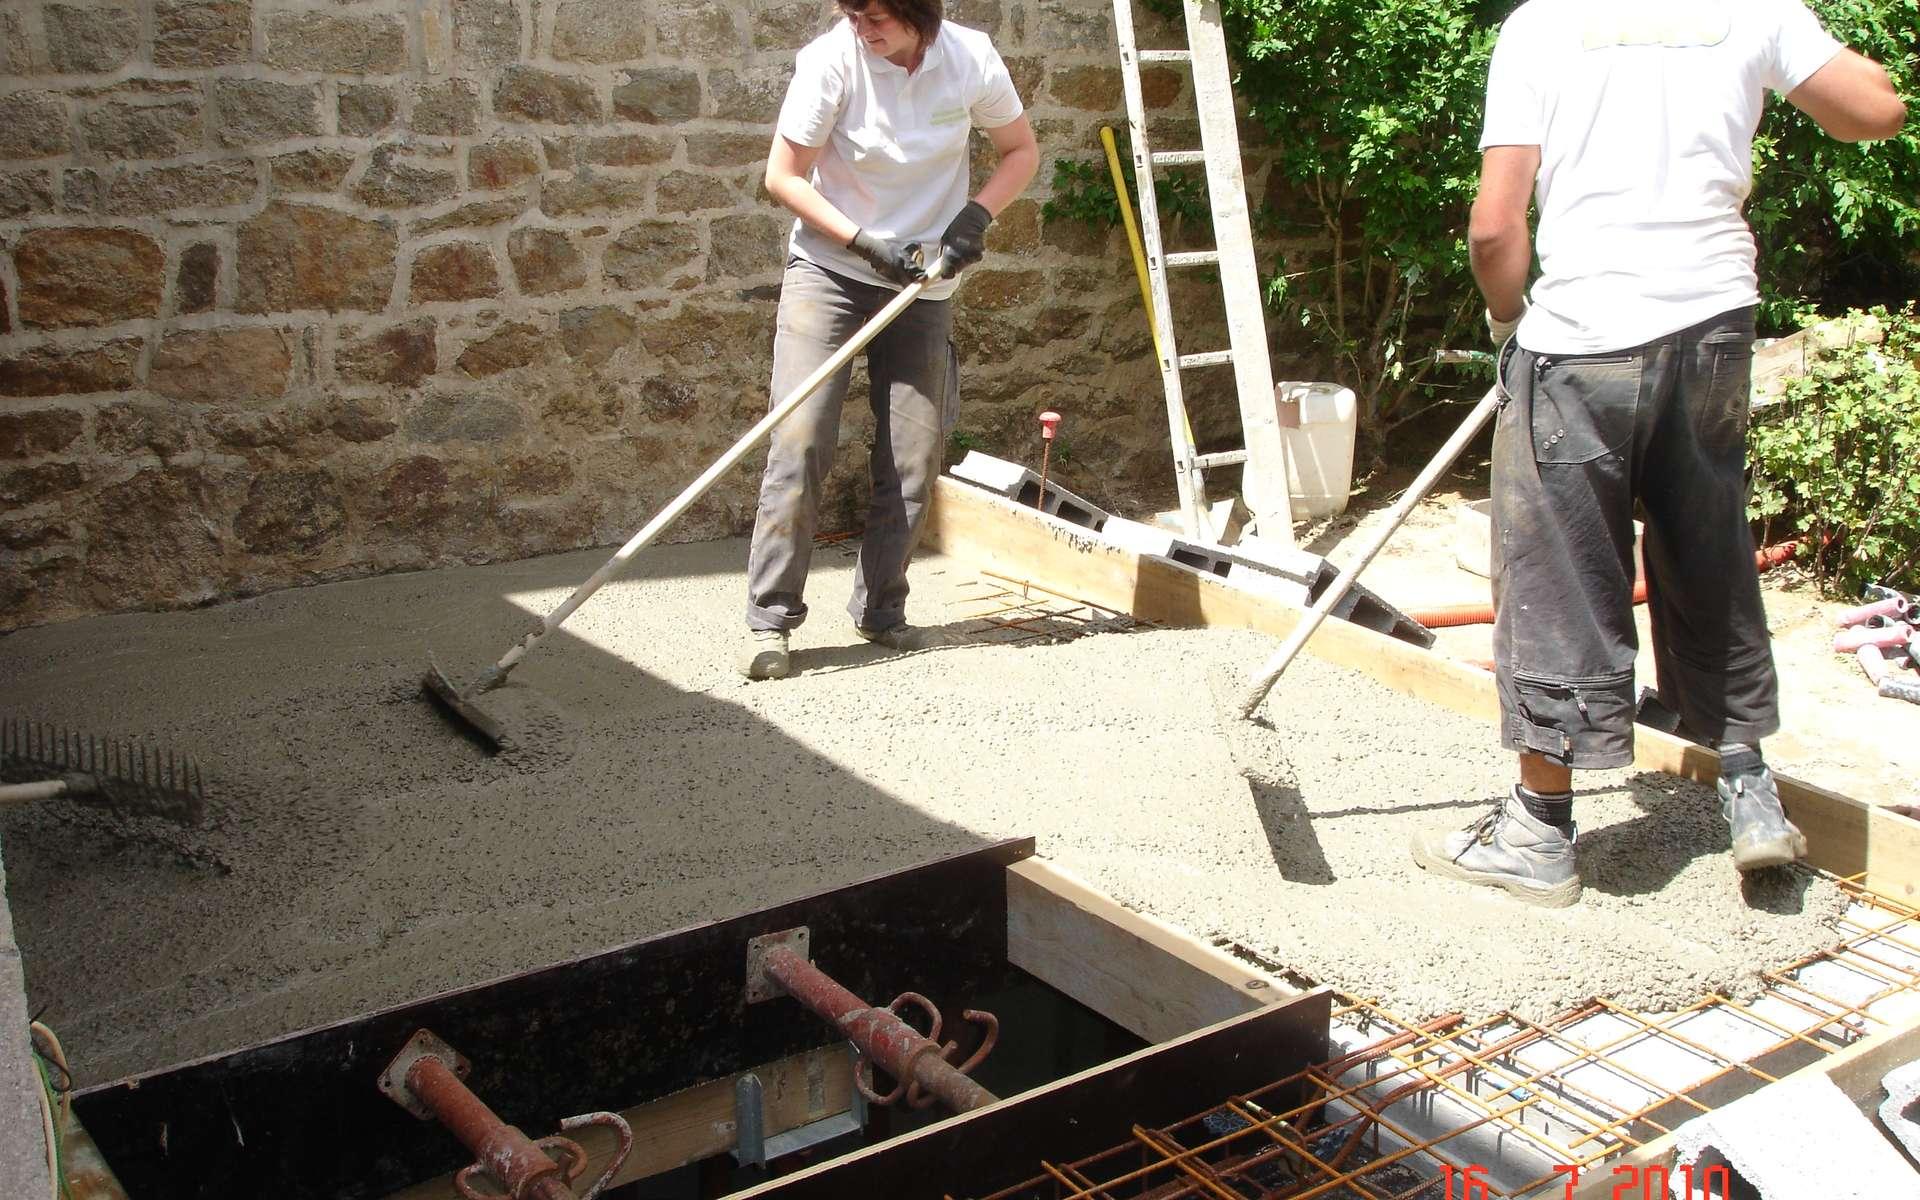 Le dallage sur terre-plein en béton sert de plancher. © Cedriccabioch, CC BY-SA 3.0, Wikimedia Commons